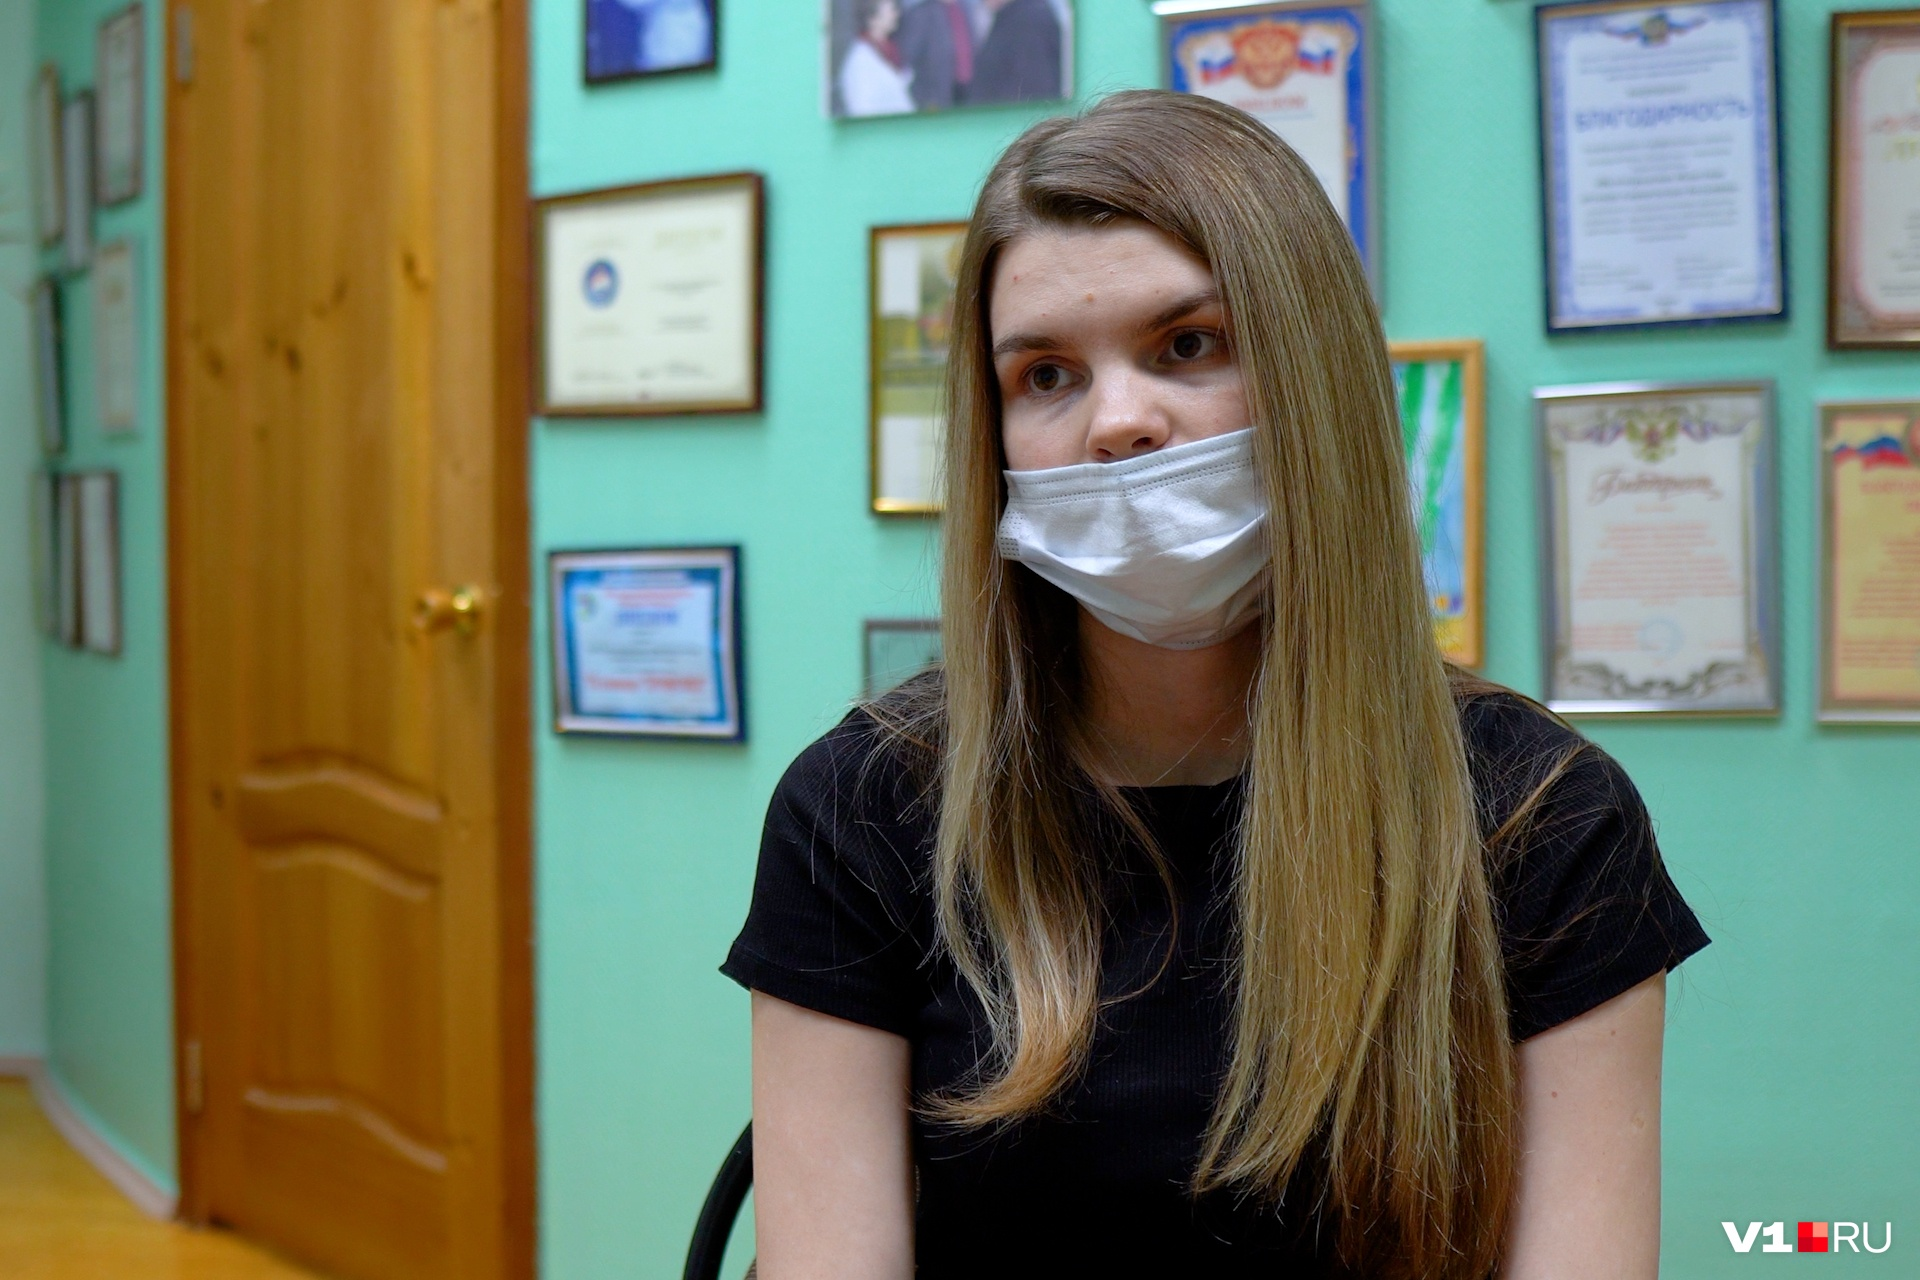 Анастасия Шахова считала, что детям уделяется недостаточно внимания